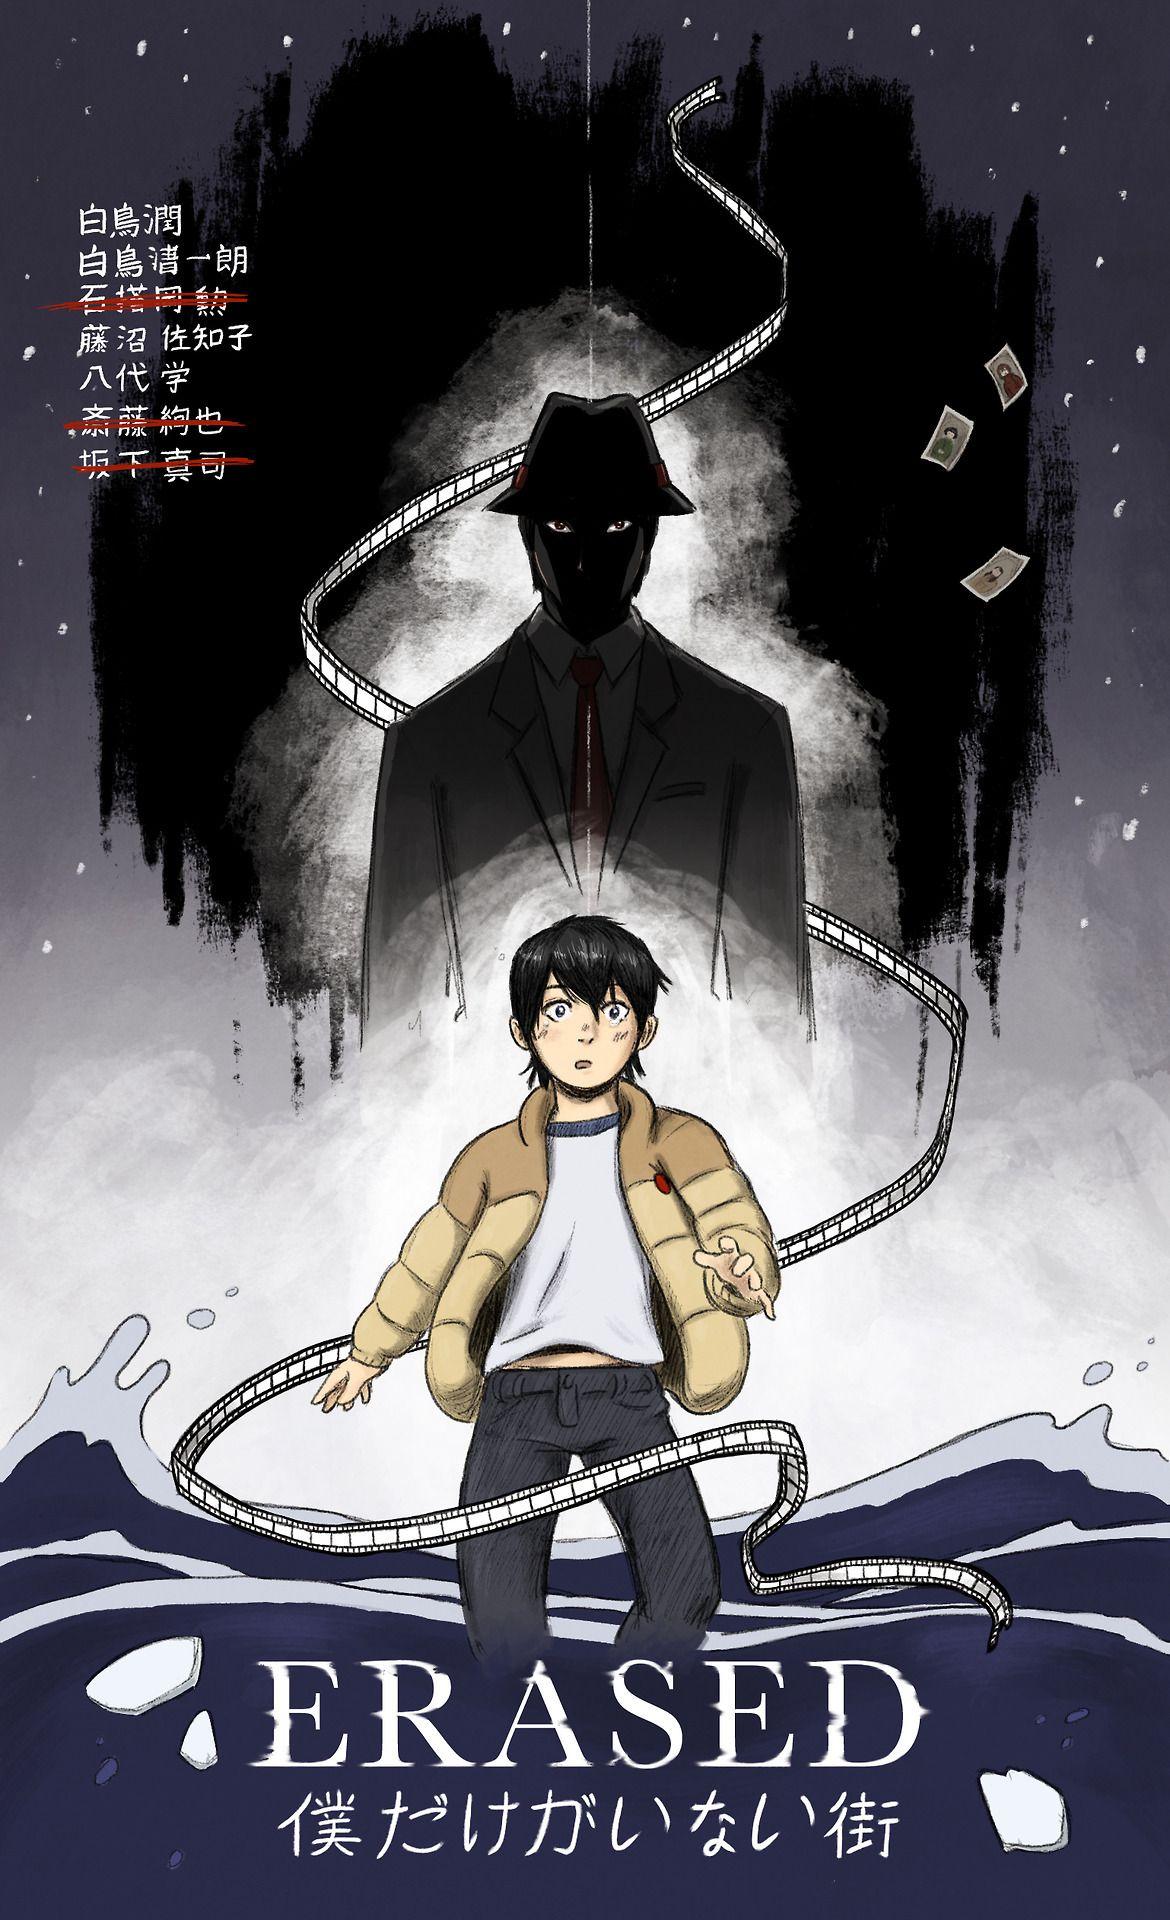 Boku Dake Ga Inai Machi Tumblr Anime Manga Anime Manga Covers